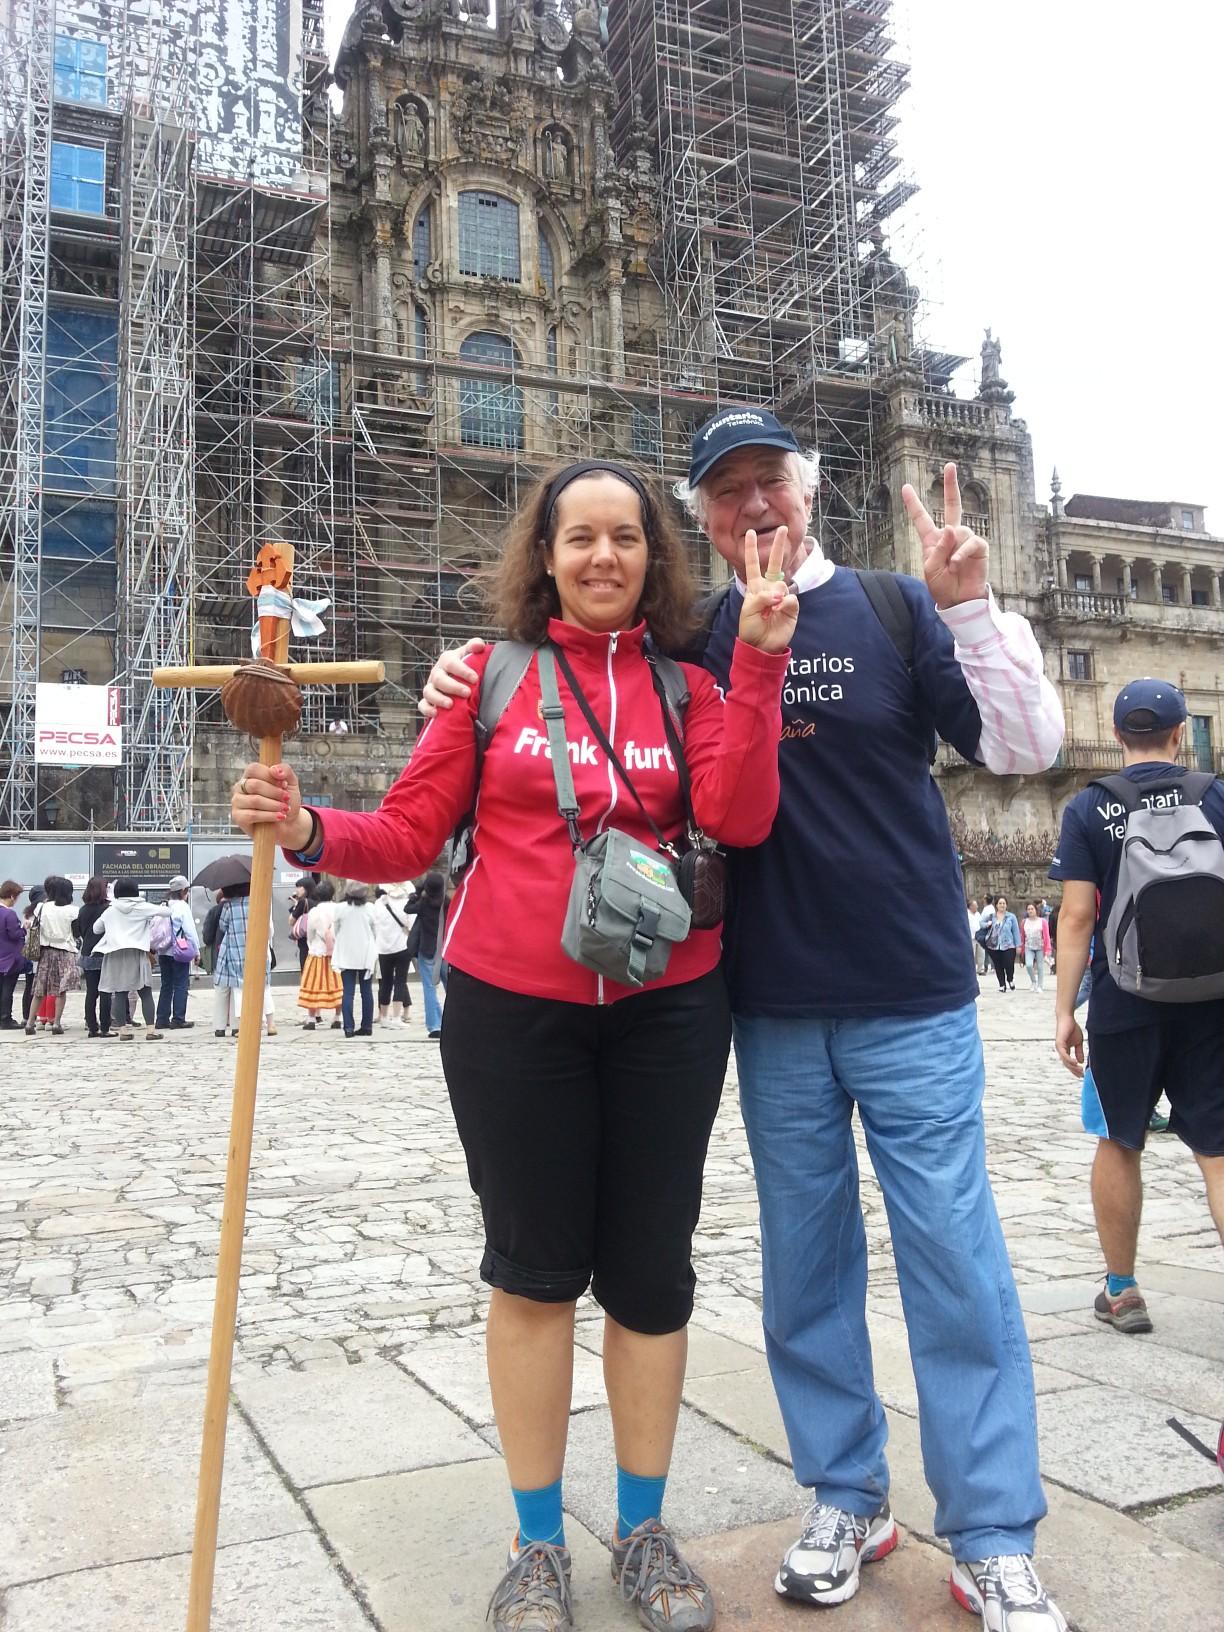 Emilio Gilolmo, Vicepresidente Ejecutivo de Fundación Telefónica, junto a una voluntaria.